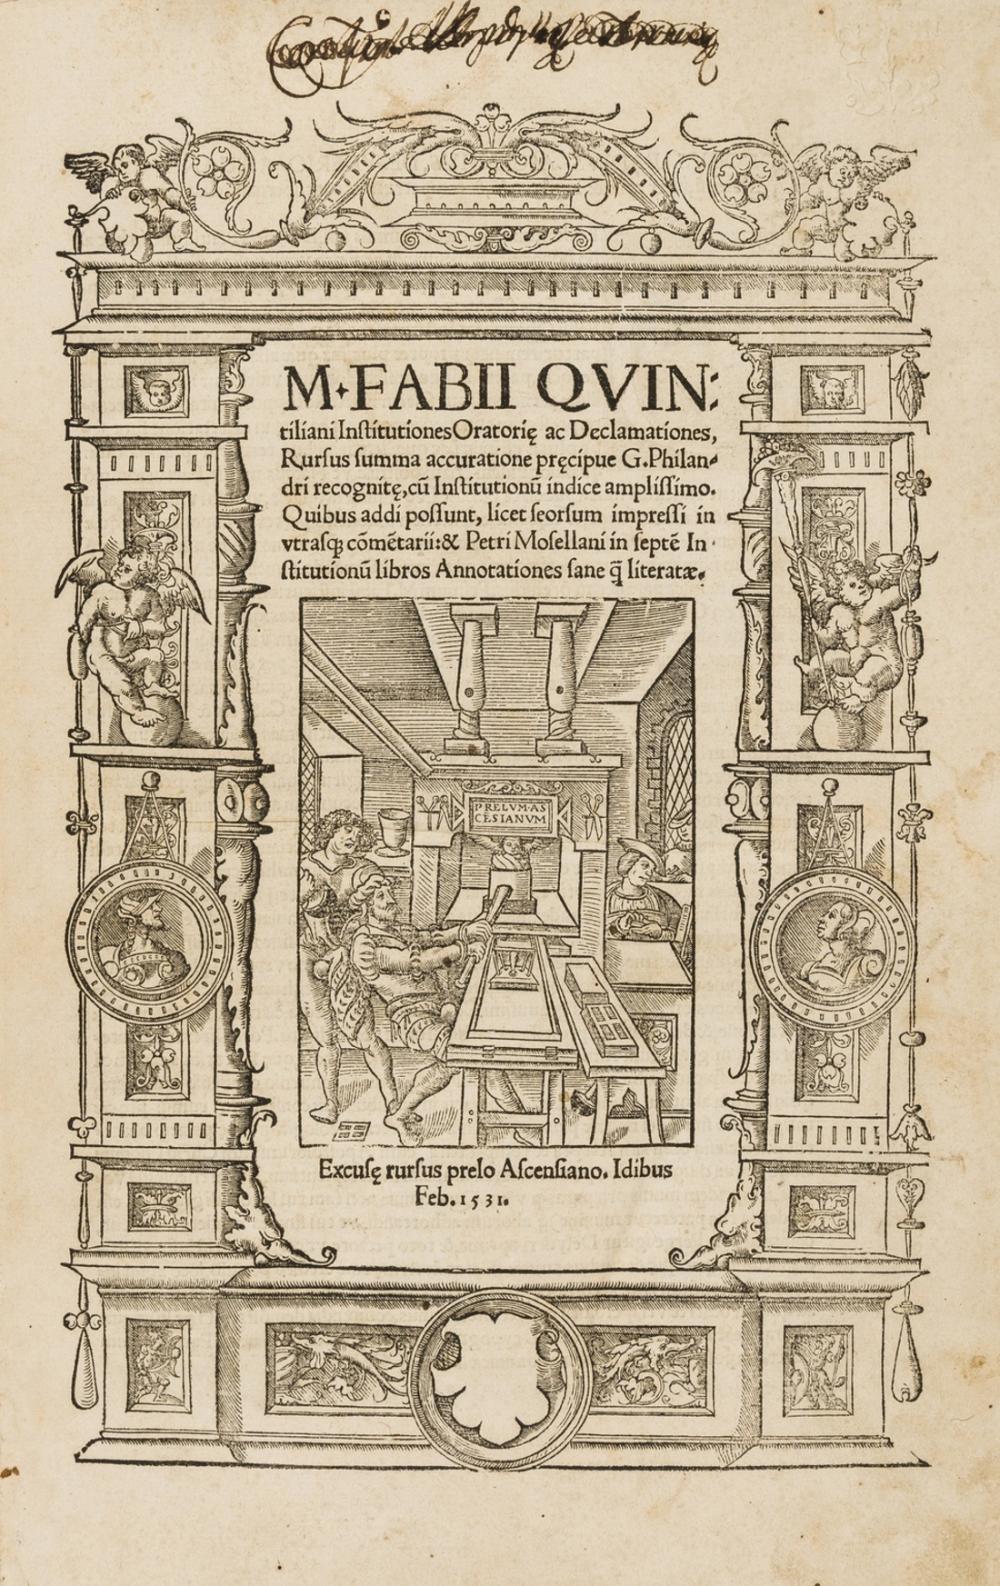 Badius Ascensius.- Quintilianus (Marcus Fabius) Institutiones Oratoriae ac Declamationes, Paris, Jodocus Badius Ascensius, 1531.